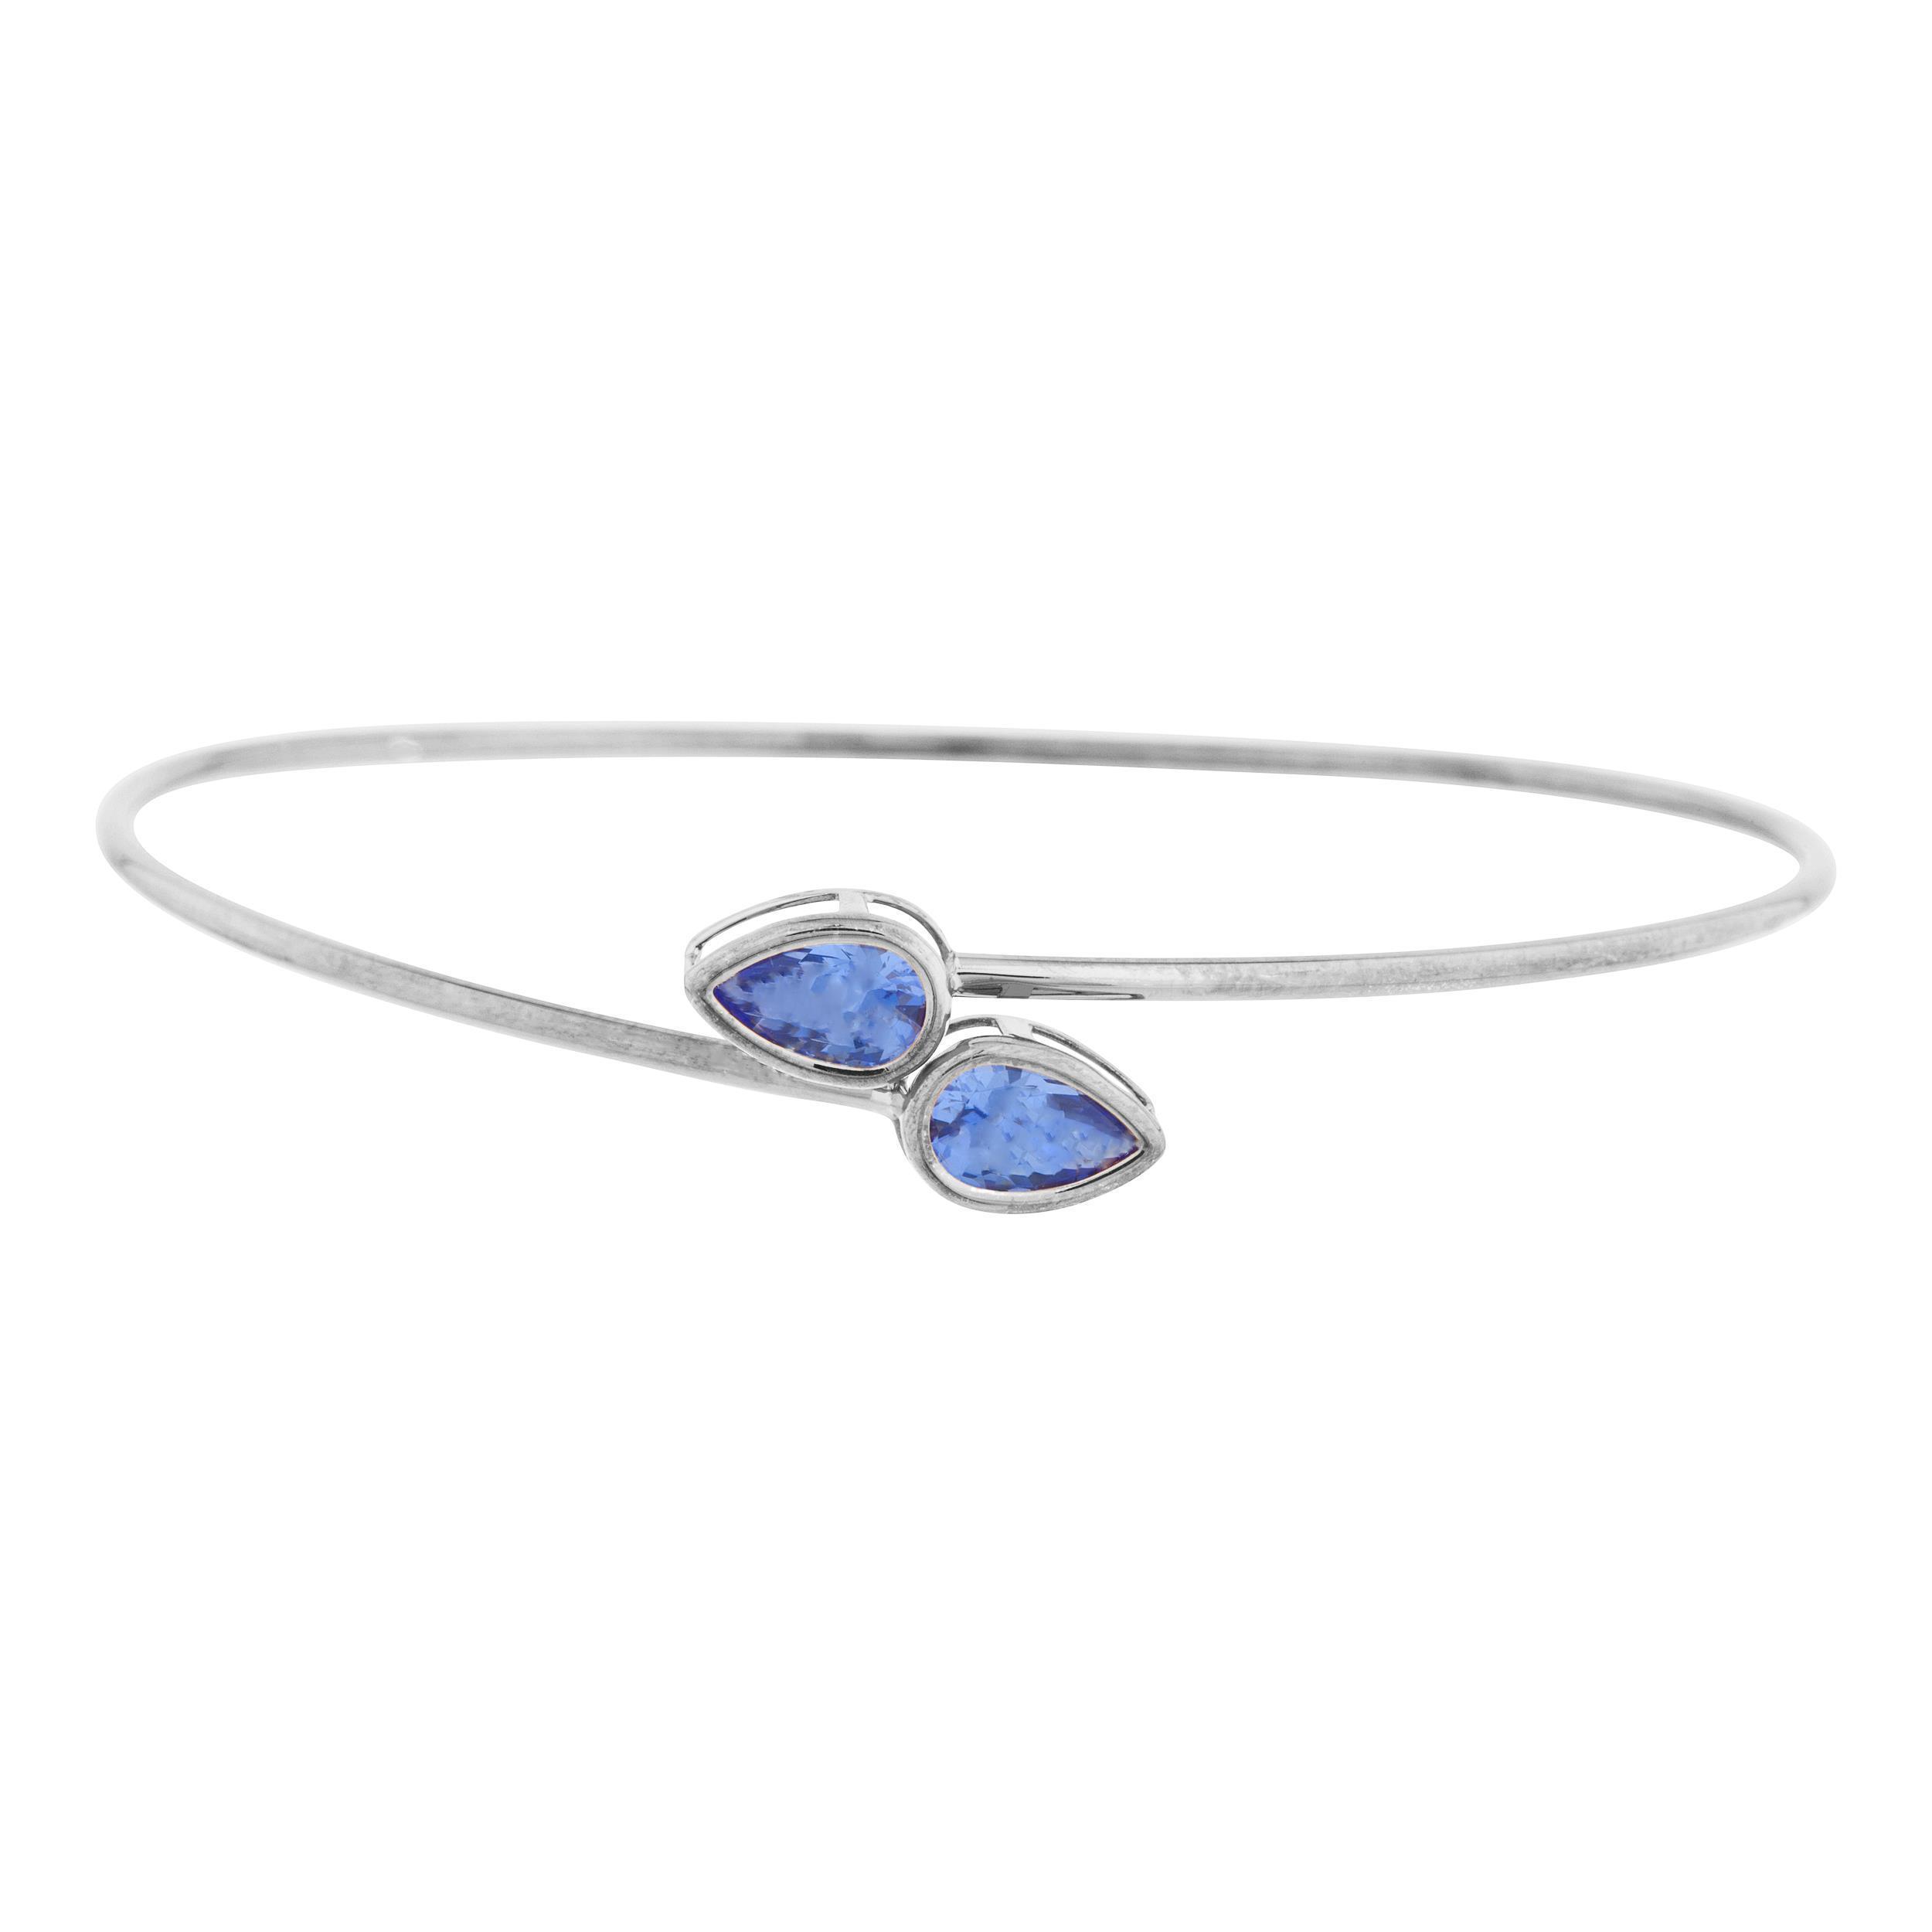 2 Ct Tanzanite Pear Bezel Bangle Bracelet .925 Sterling Silver by Elizabeth Jewelry Inc